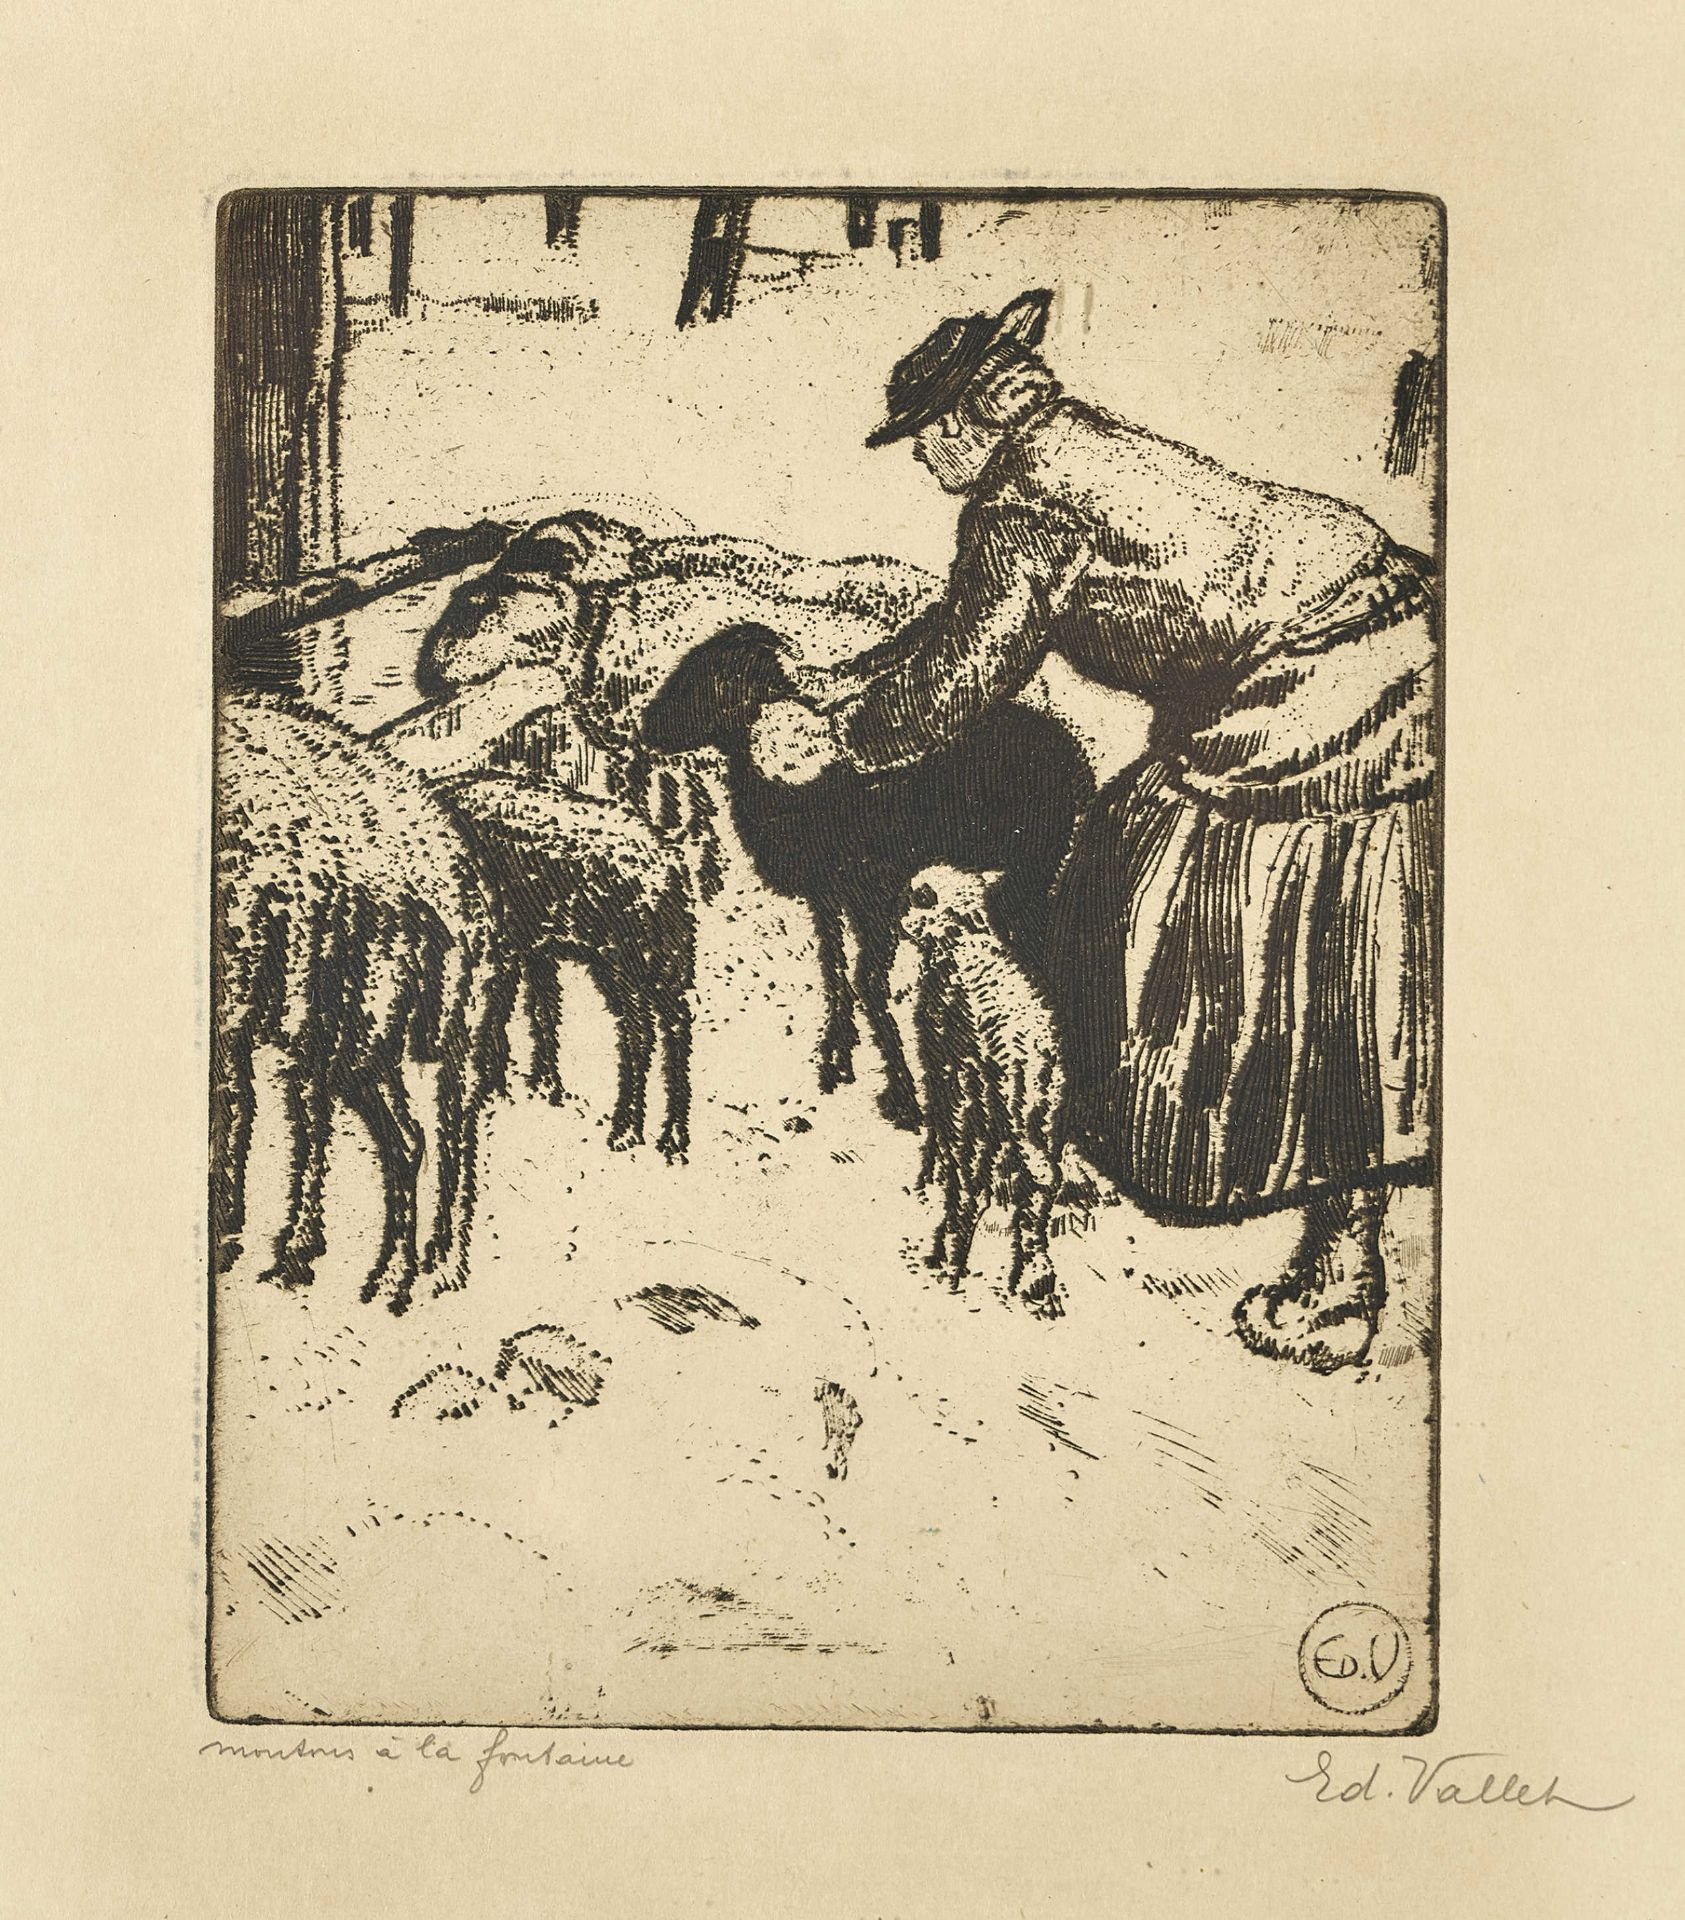 """VALLET, ÉDOUARD: """"Mouton à la fontaine""""."""